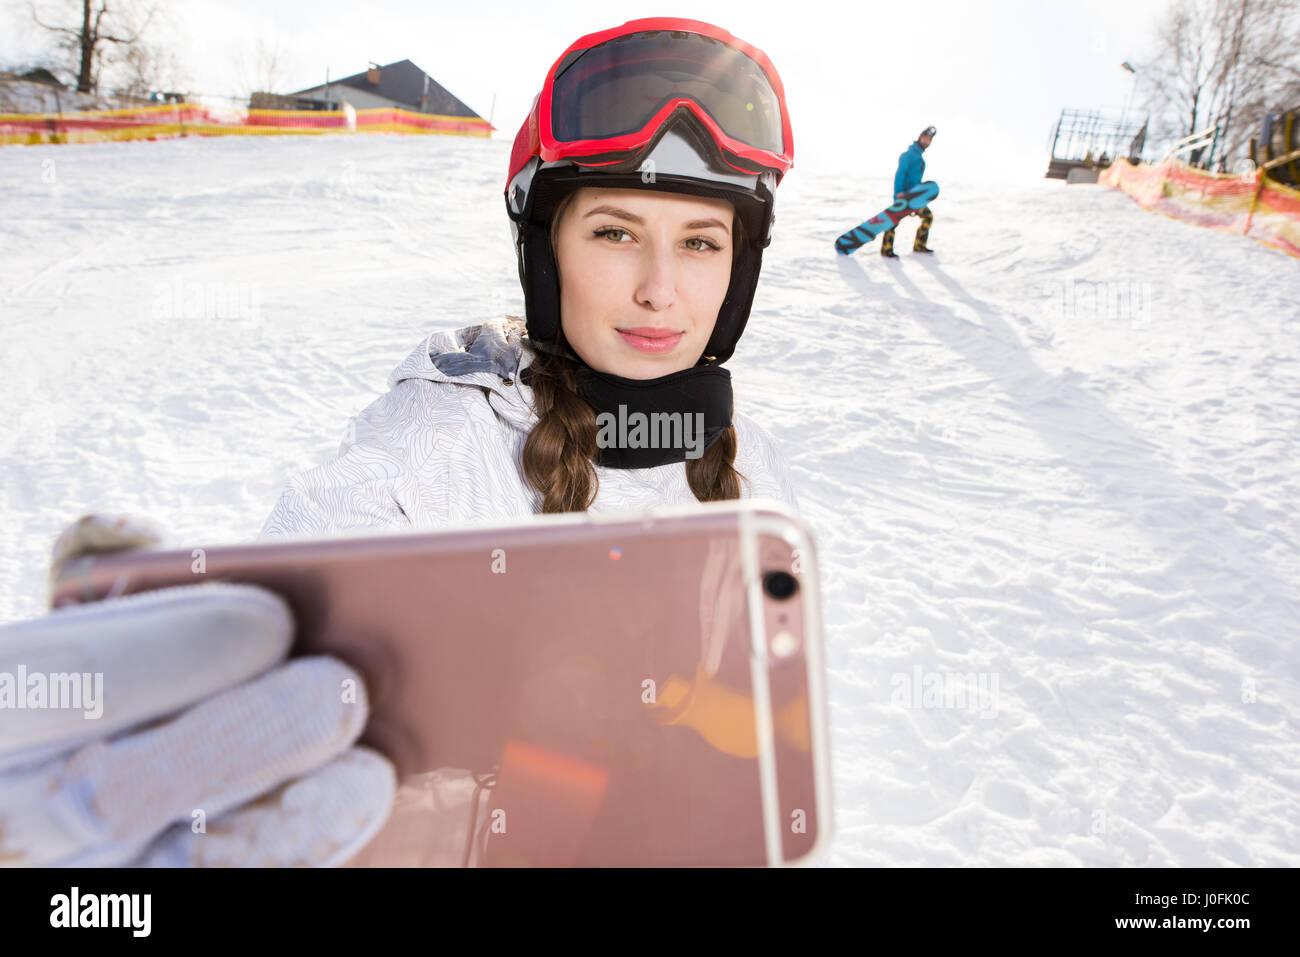 Hermosa joven snowboarder teniendo selfie con el smartphone Imagen De Stock